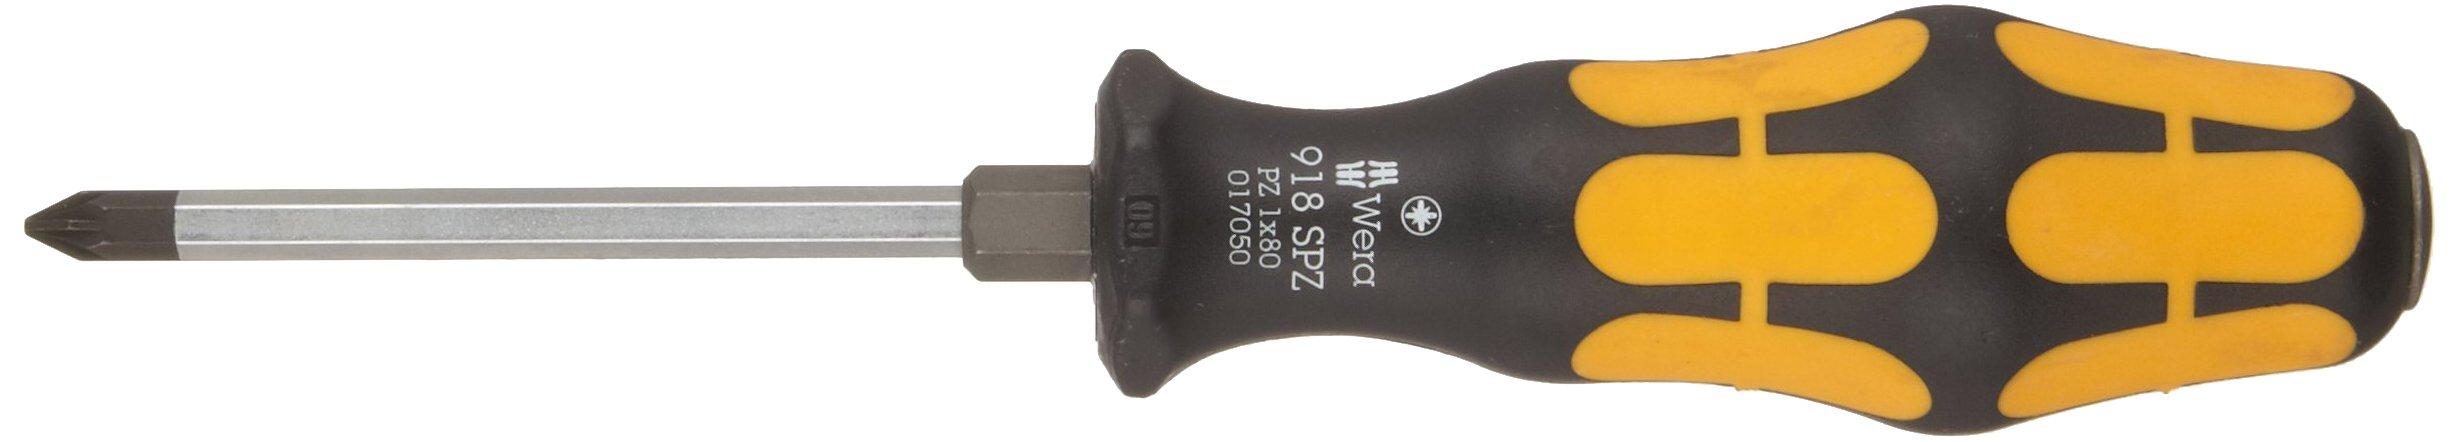 Wera  WER017050  Destornillador Pozidriv, PZ 1 x 80 mm